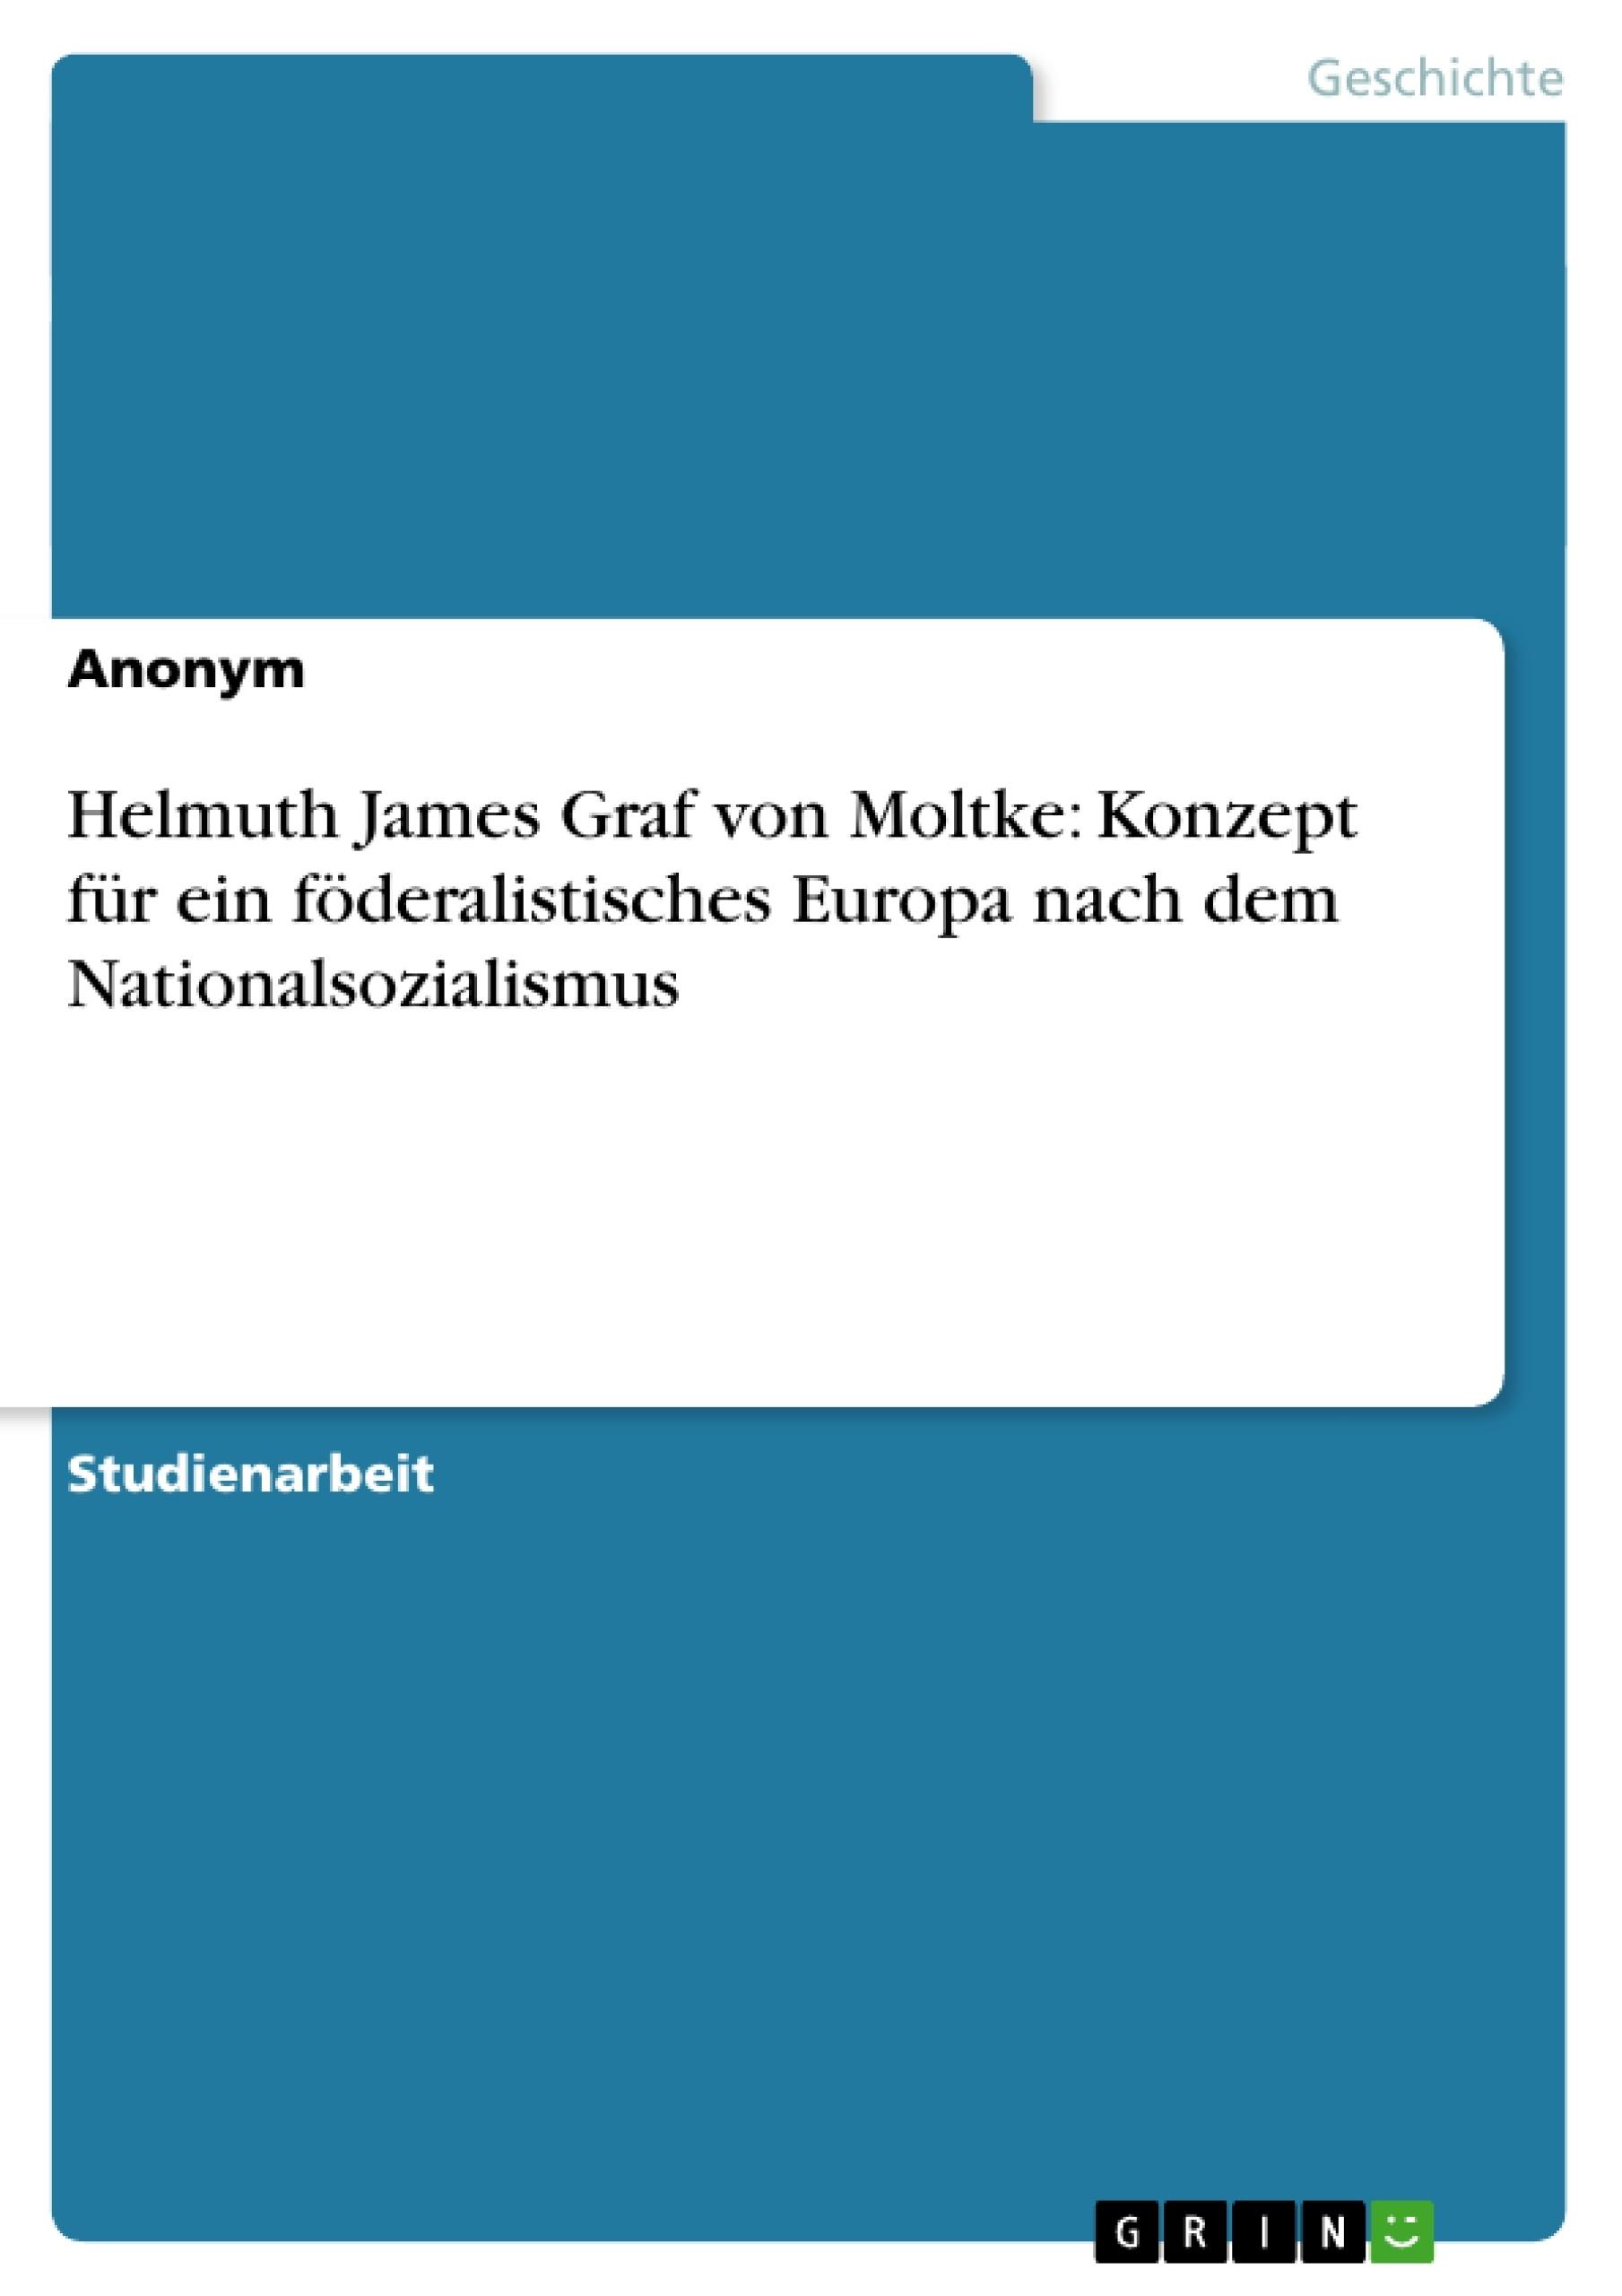 Titel: Helmuth James Graf von Moltke: Konzept für ein föderalistisches Europa nach dem Nationalsozialismus